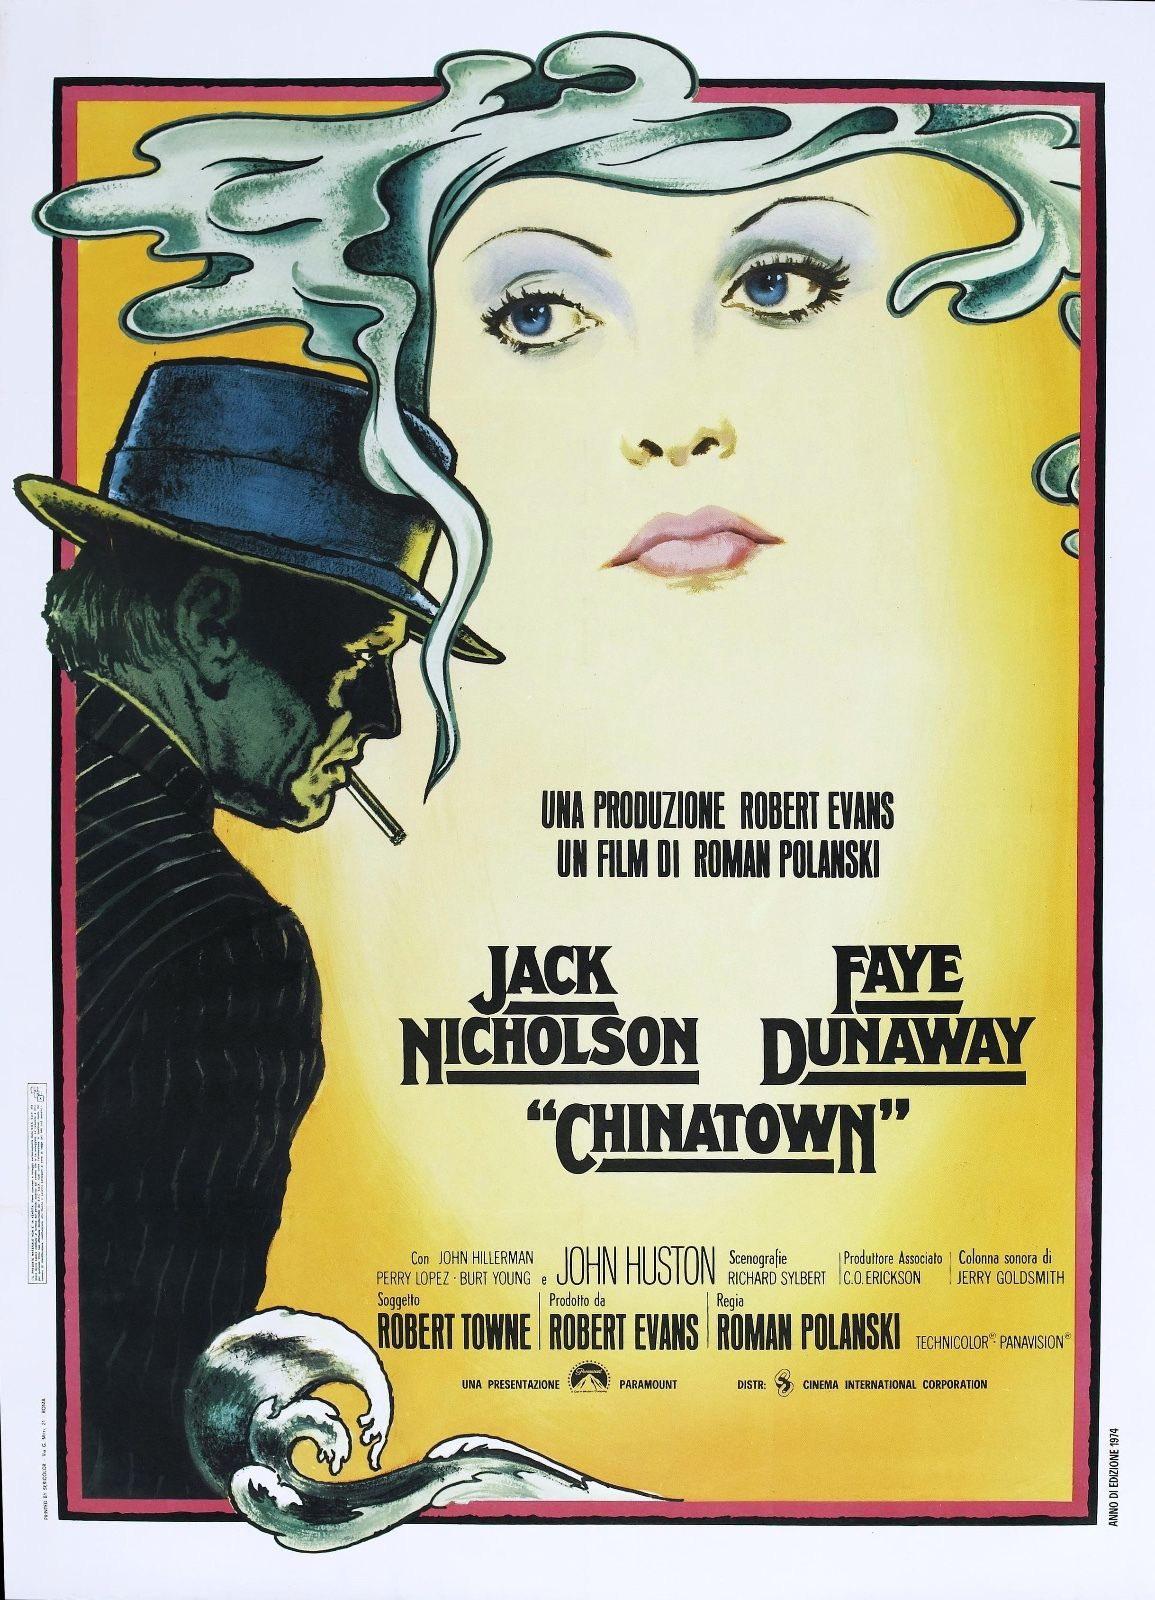 73265-Chinatown-Movie-1974-Drama-Thriller-Wall-Print-Poster-Affiche